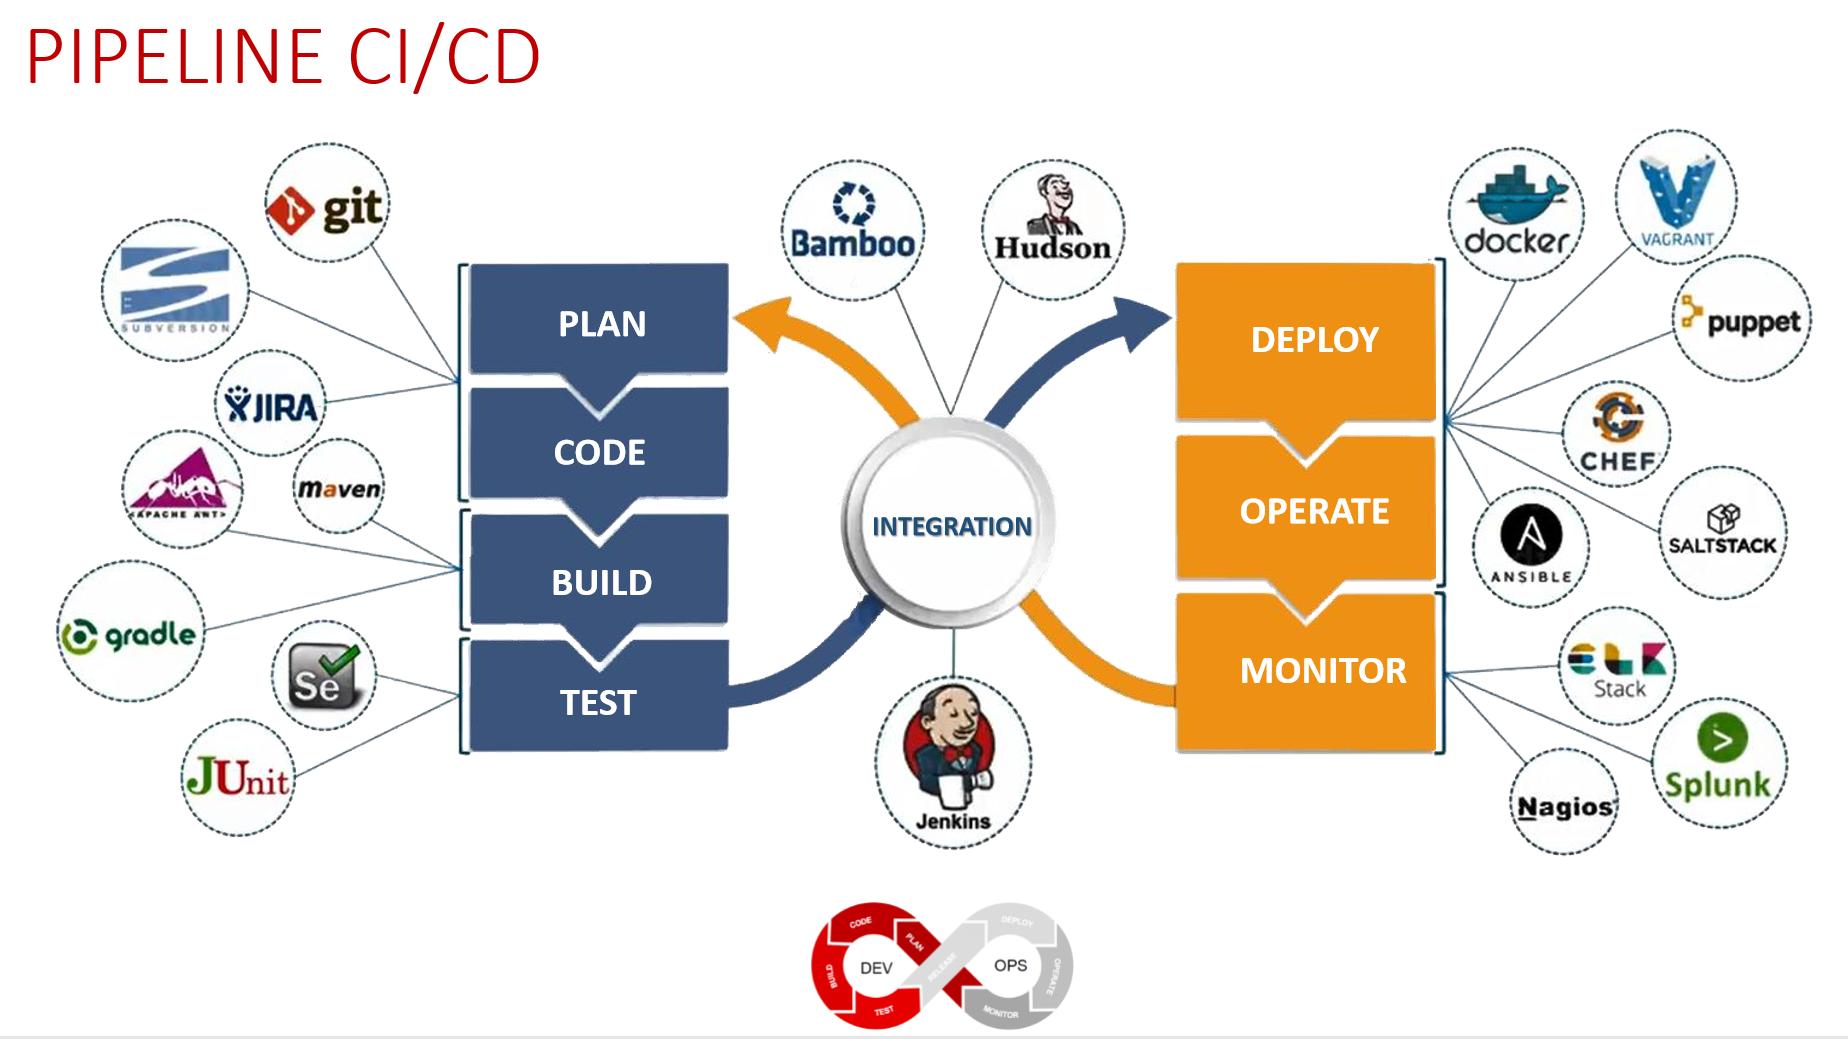 Pipeline CI/CD-DevOps